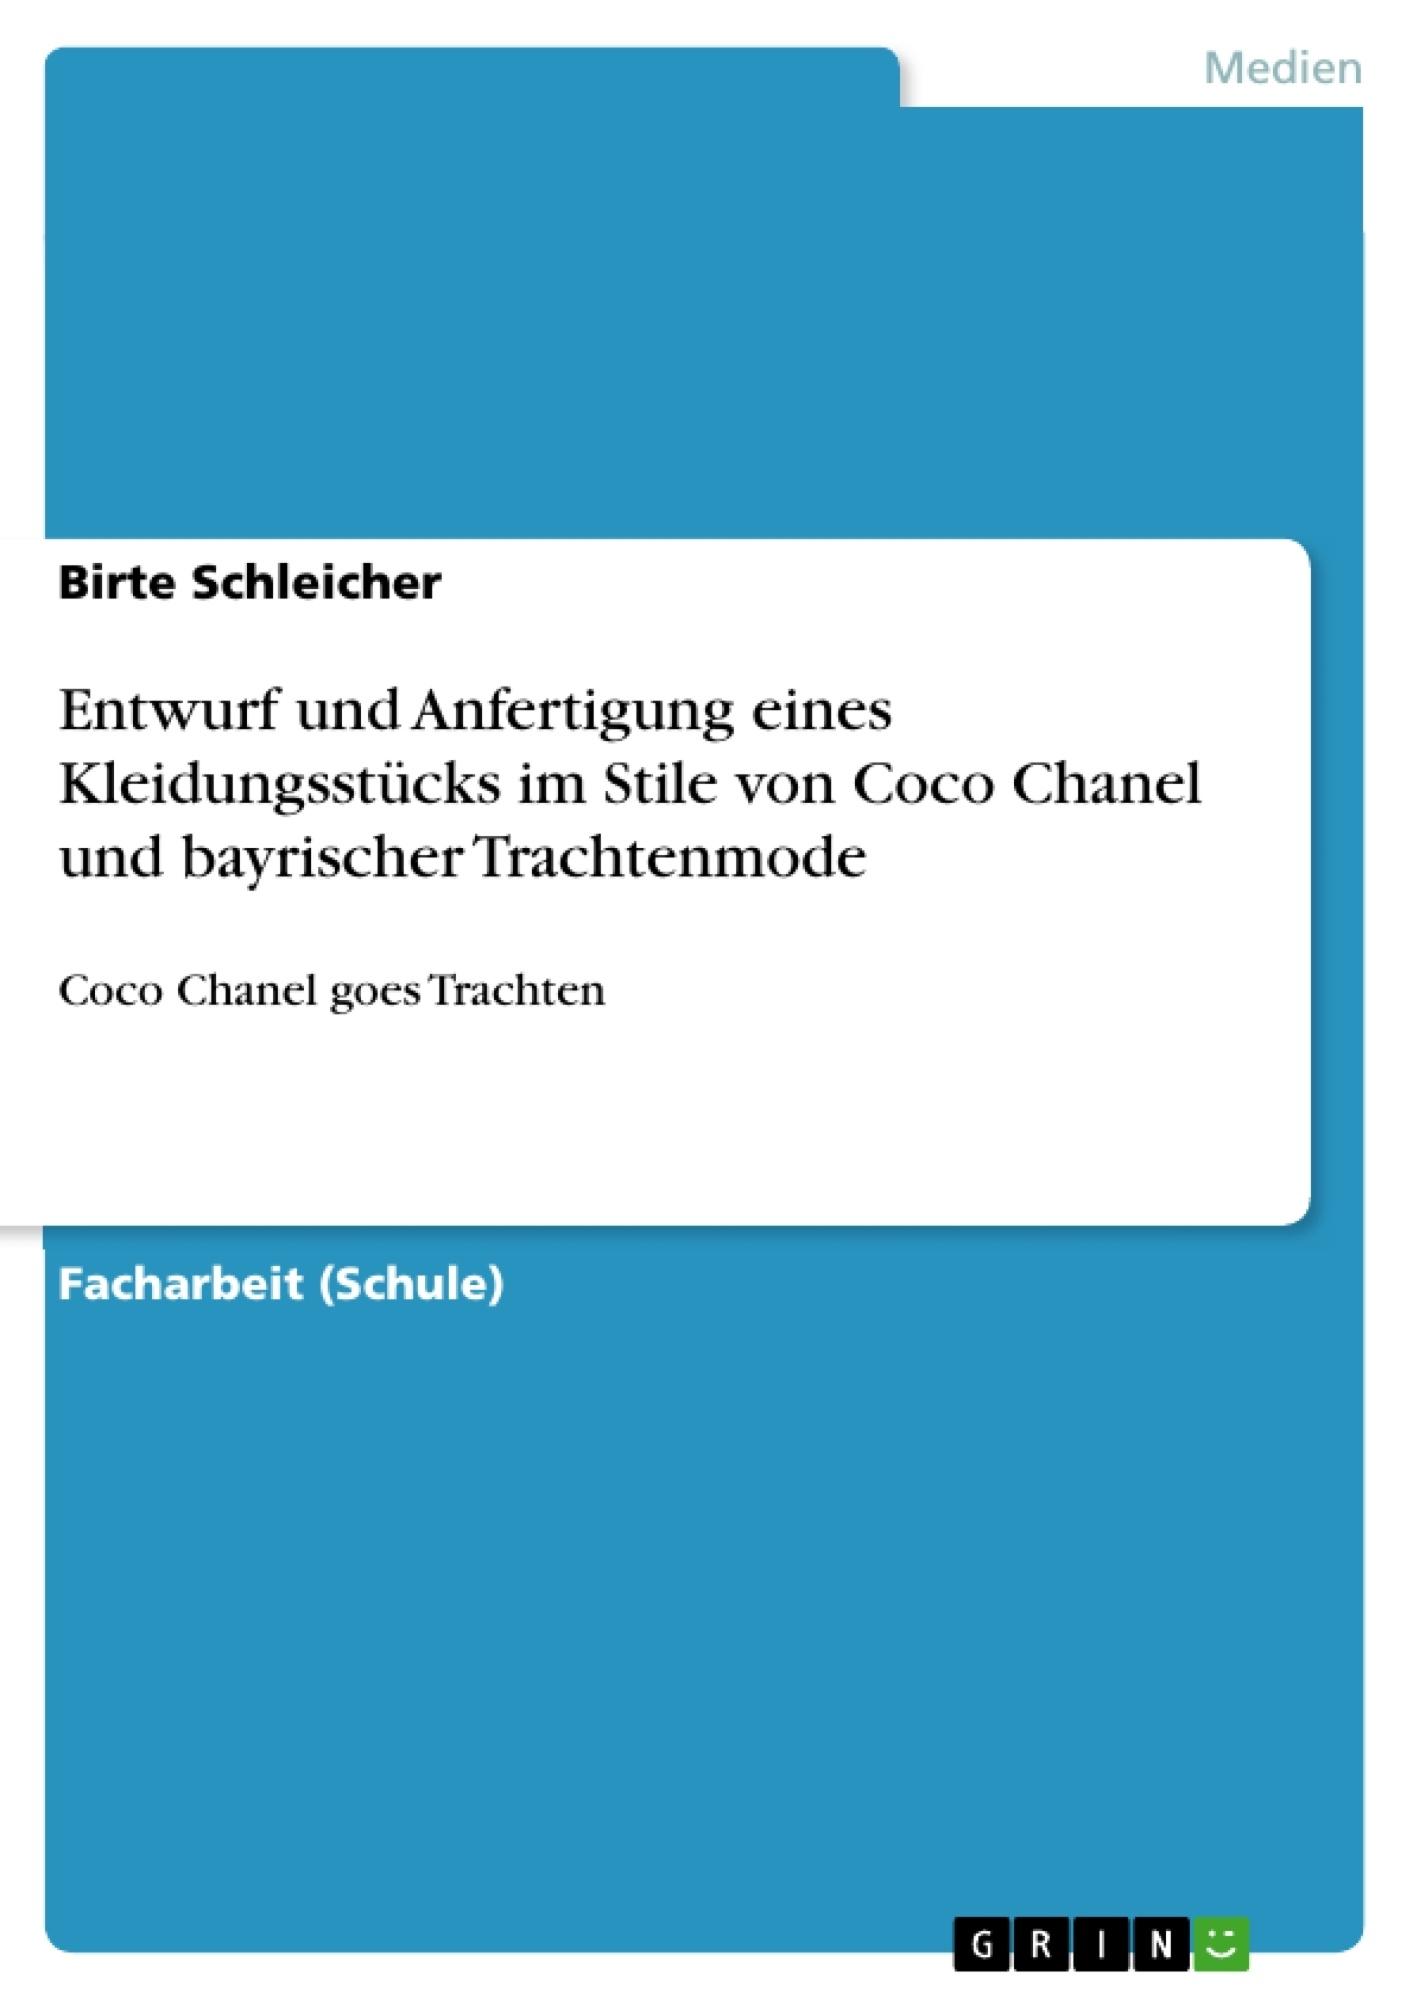 Titel: Entwurf und Anfertigung eines Kleidungsstücks im Stile von Coco Chanel und bayrischer Trachtenmode